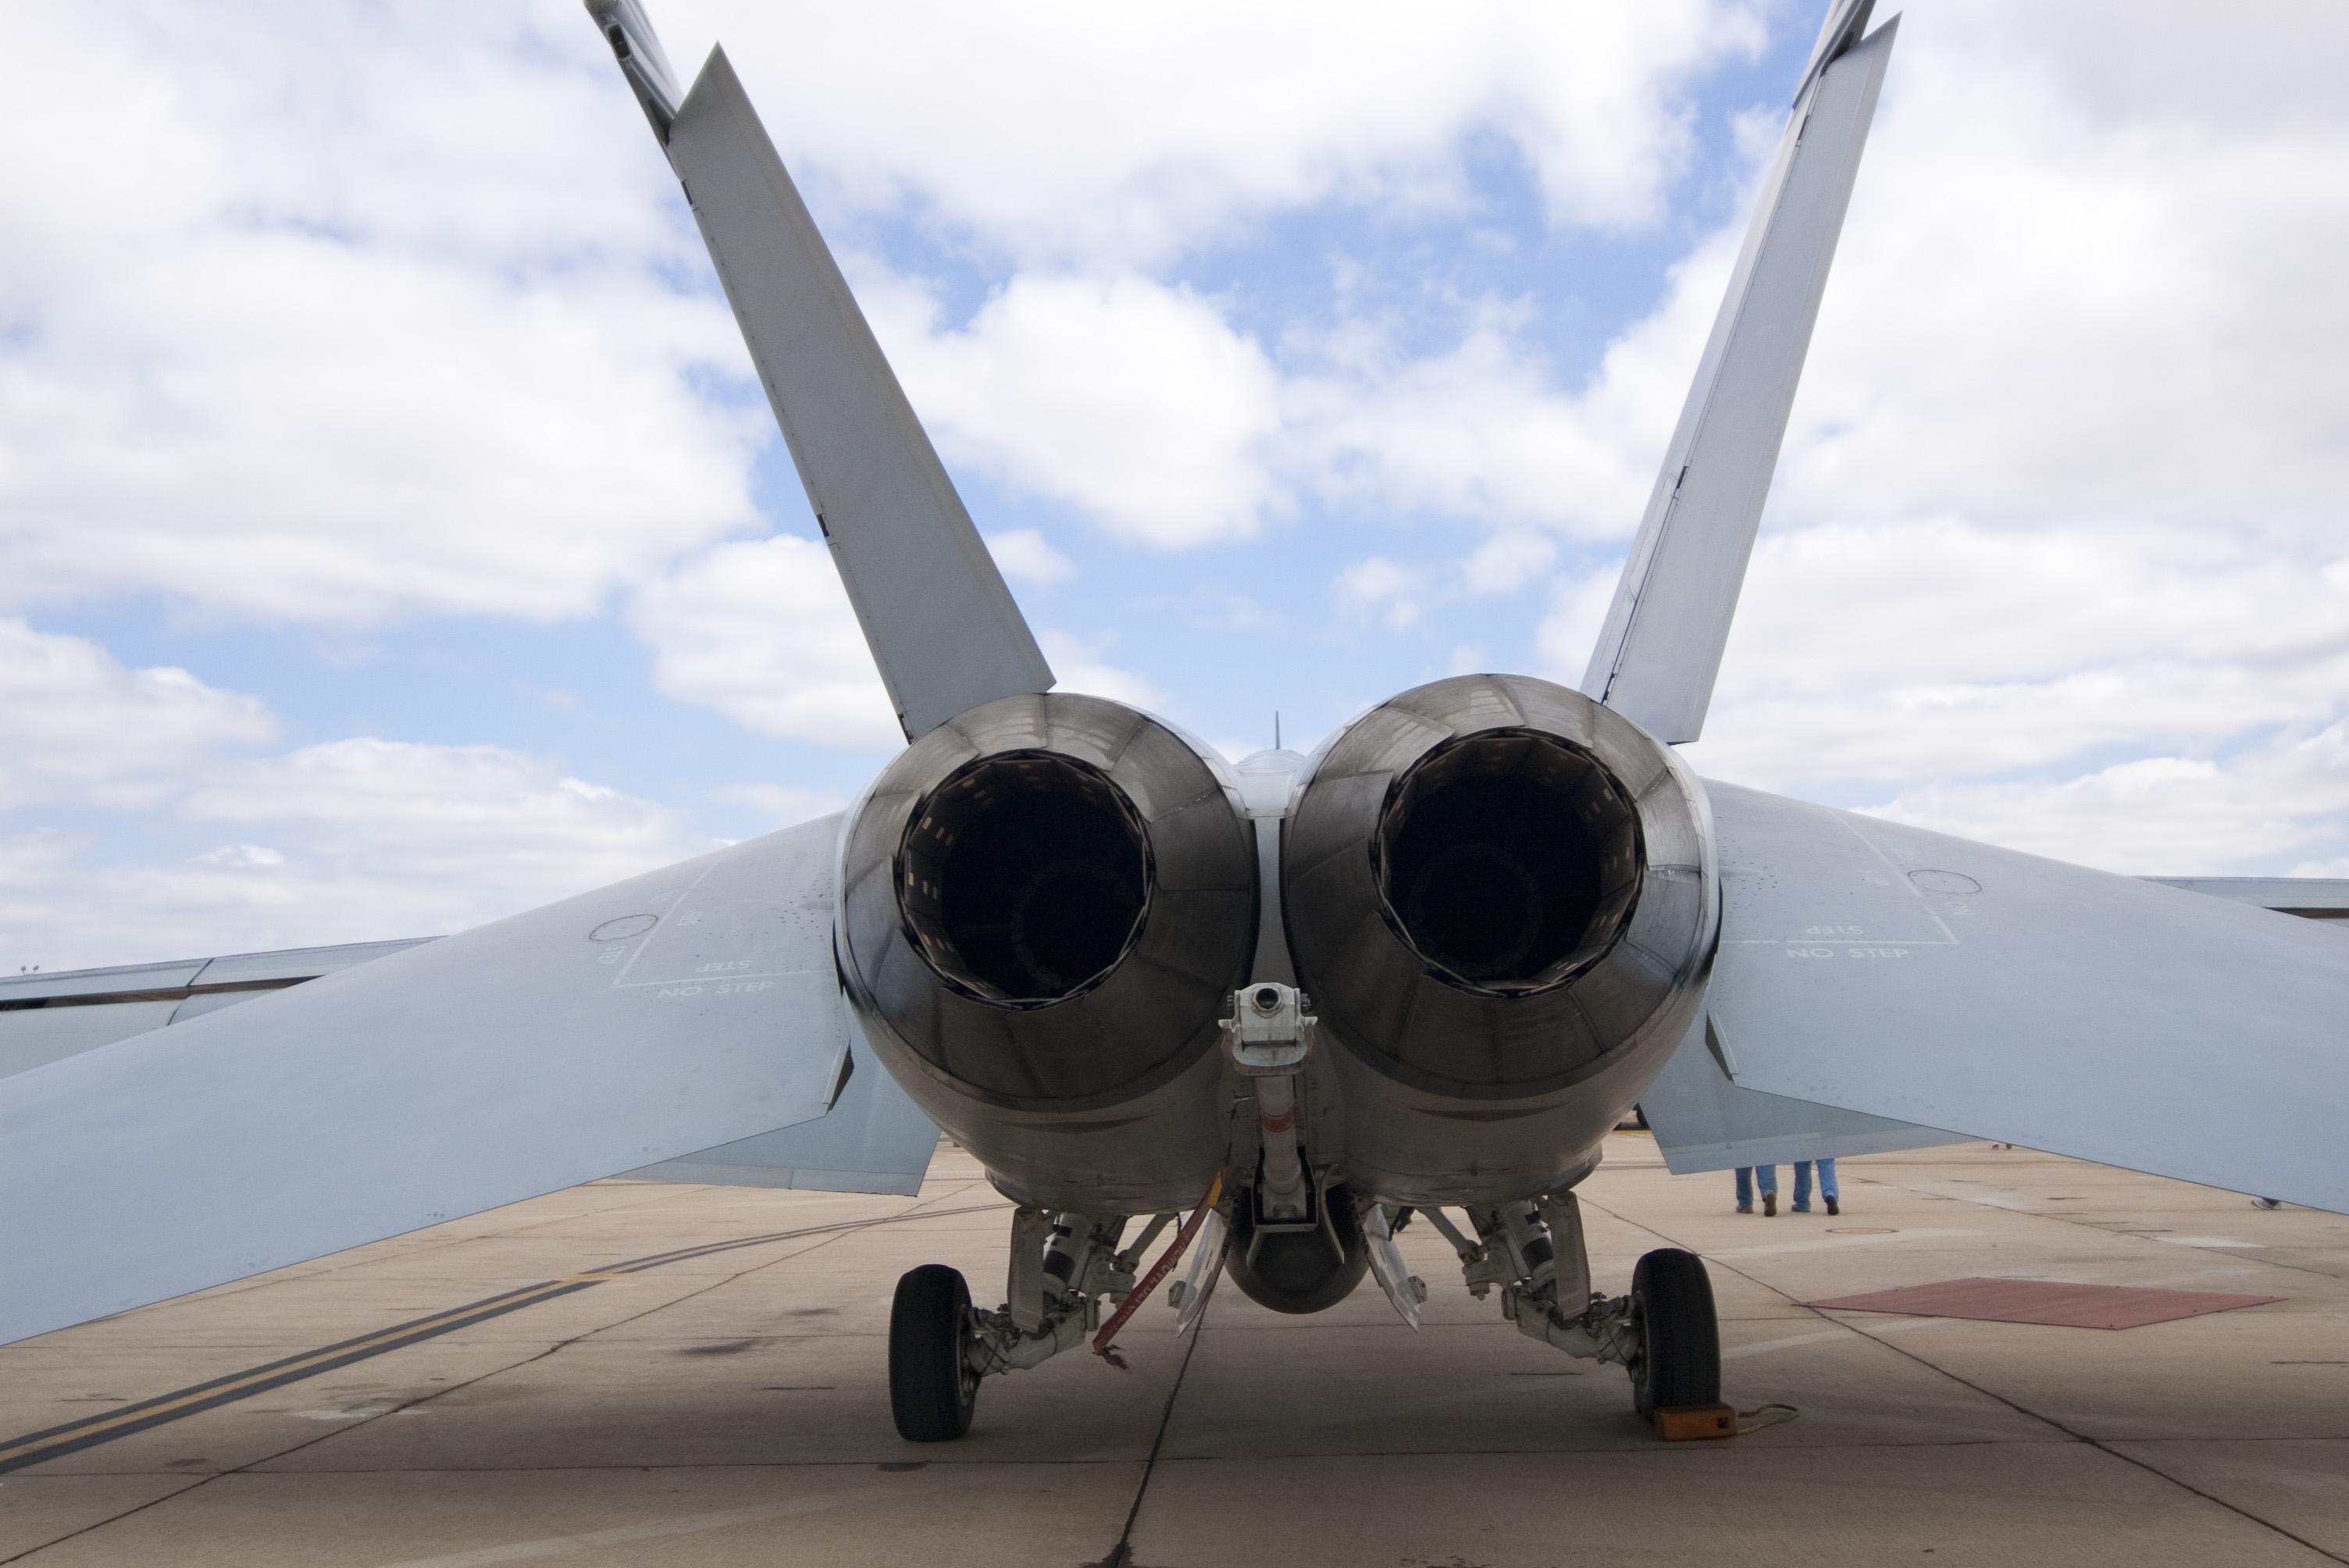 Jet Engine Exhaust Nozzle 2600